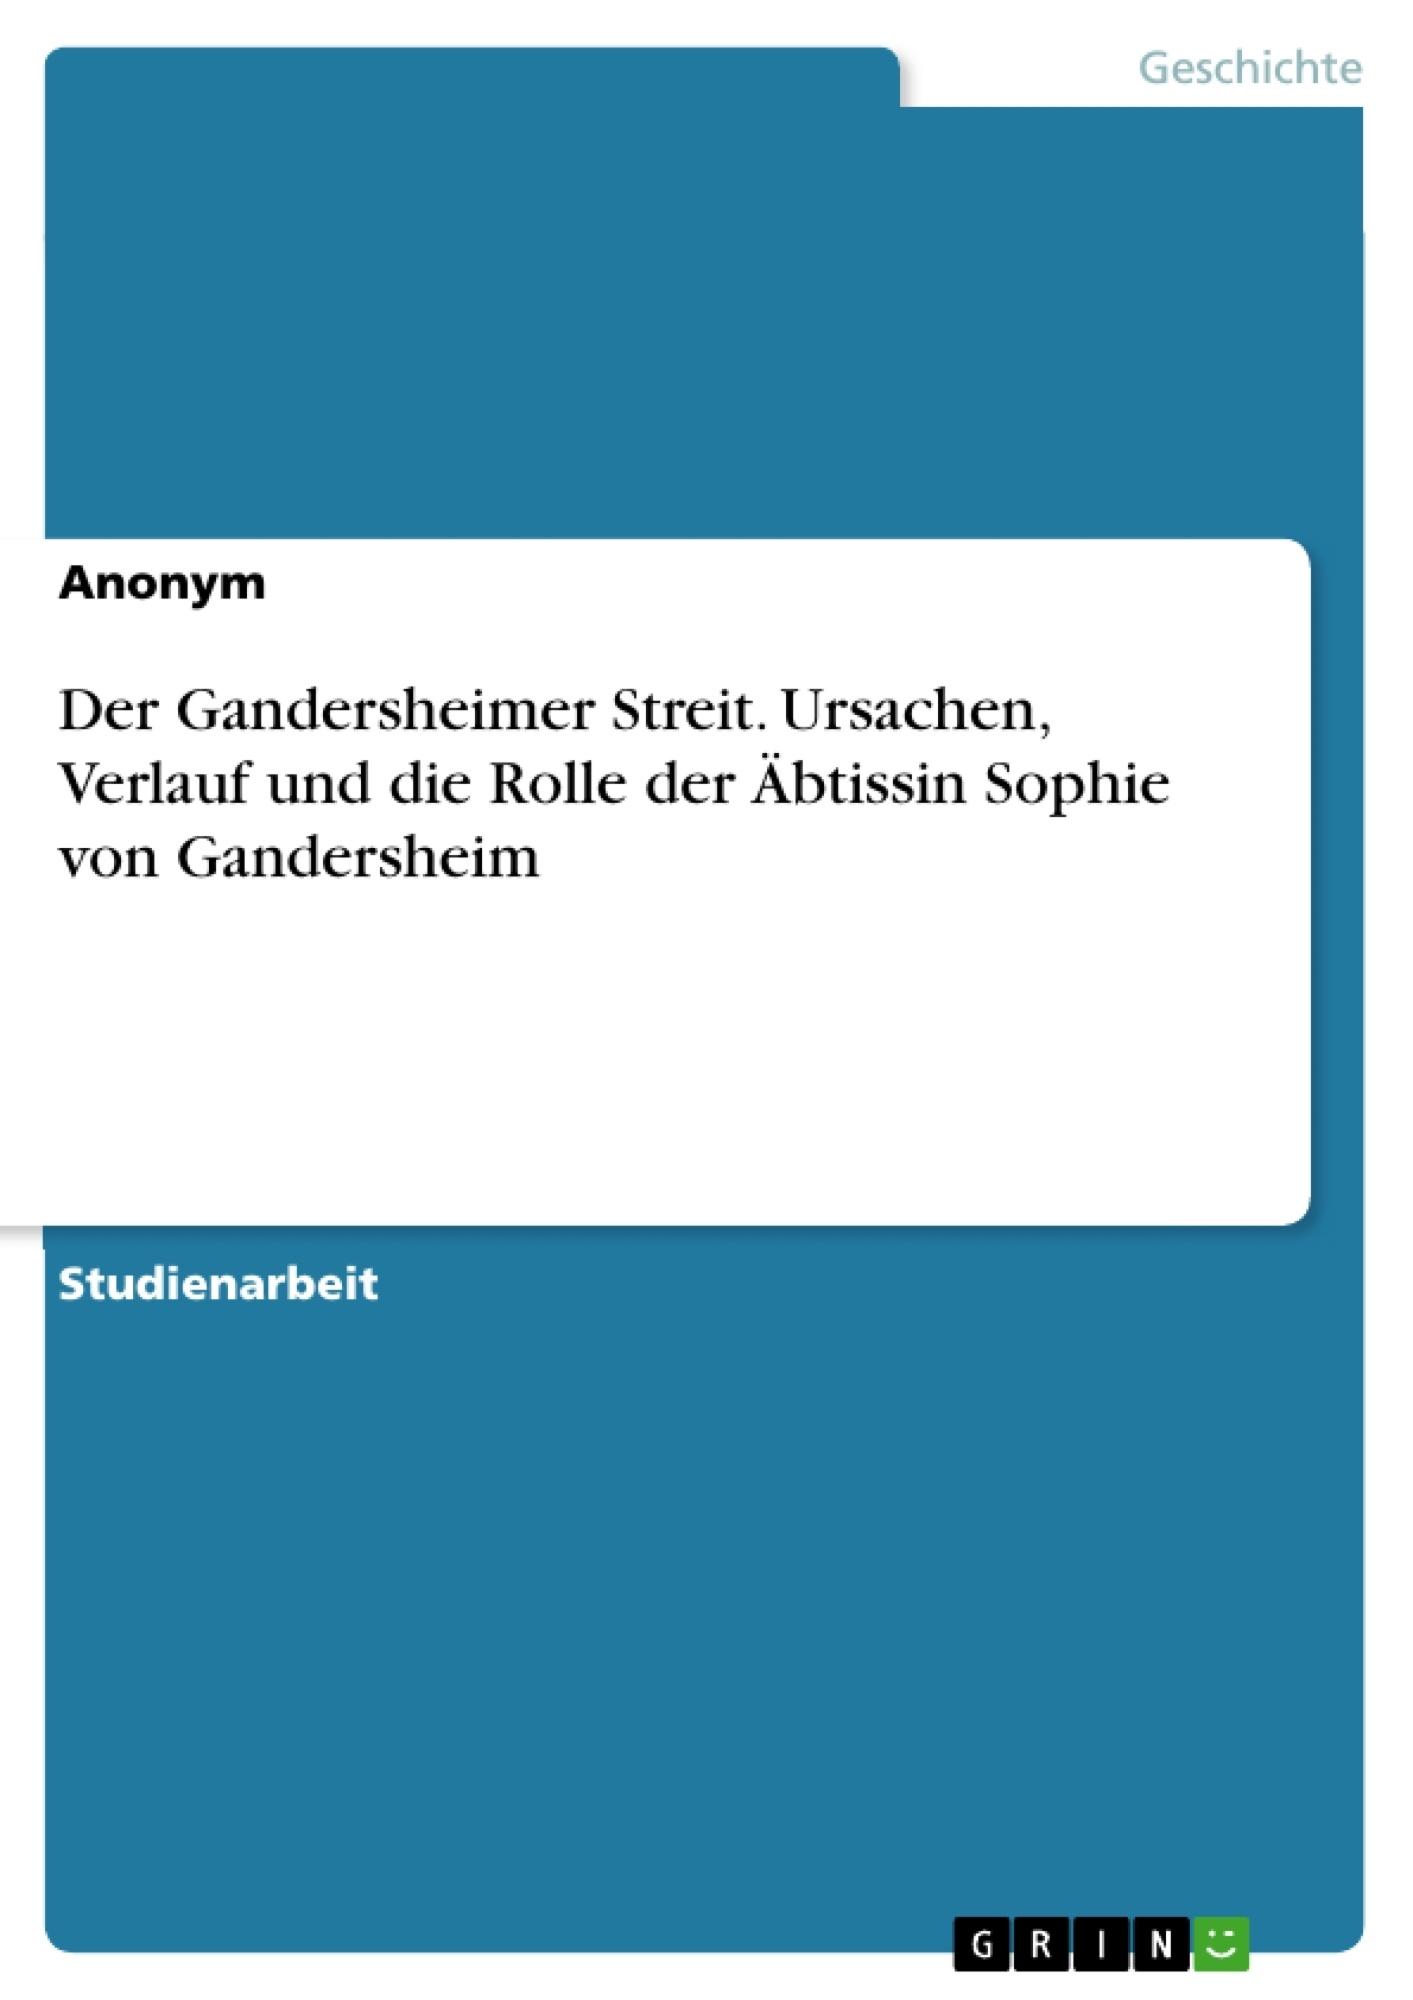 Titel: Der Gandersheimer Streit. Ursachen, Verlauf und die Rolle der Äbtissin Sophie von Gandersheim